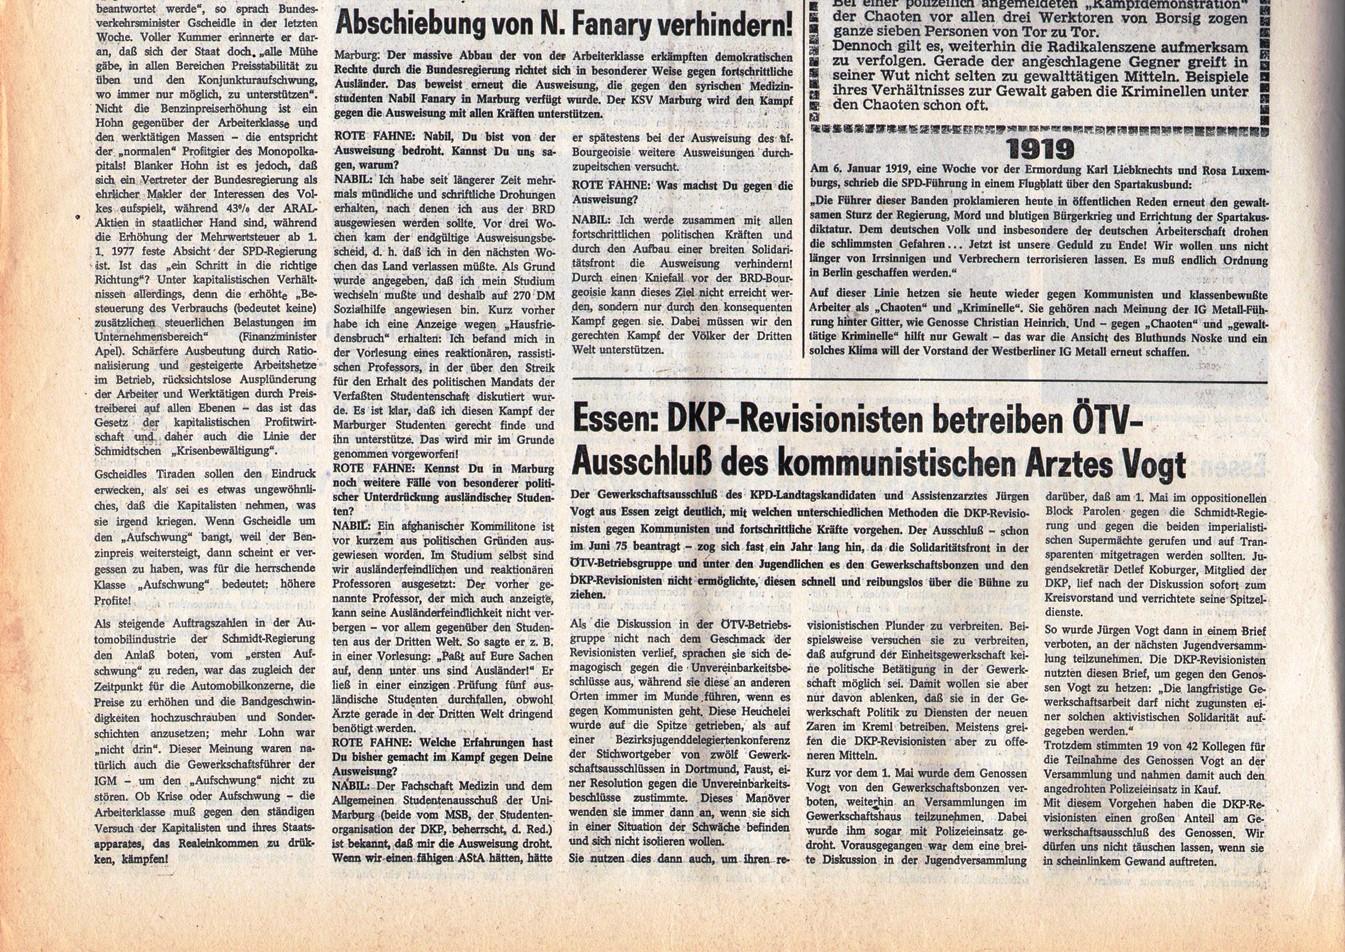 KPD_Rote_Fahne_1976_19_12